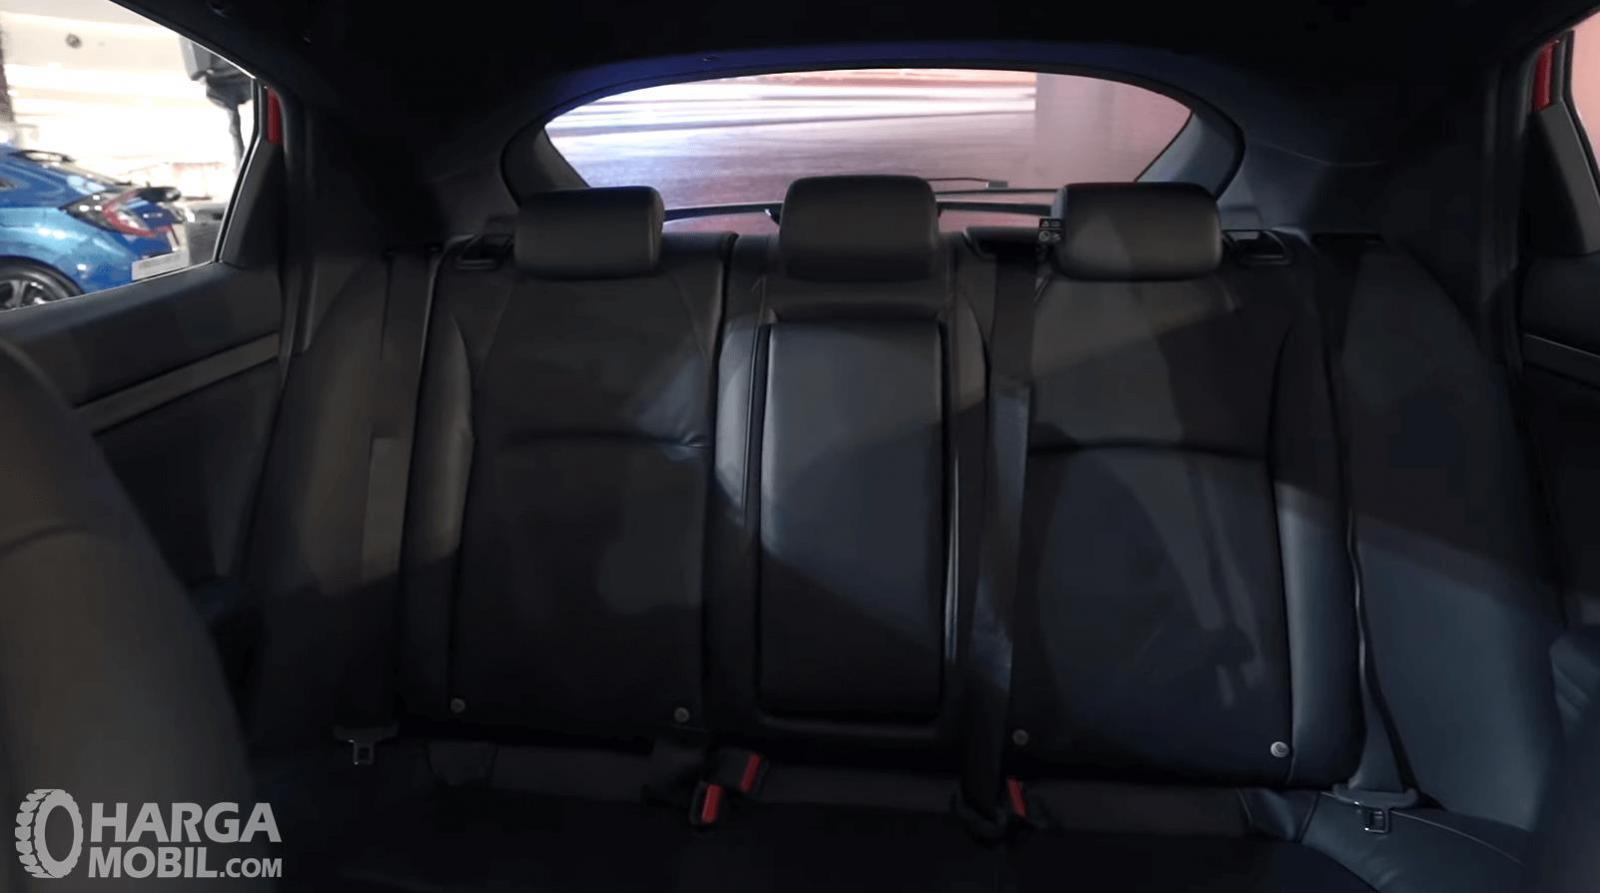 Gambar ini menunjukkan jok belakang Honda Civic Hatchback RS 2020